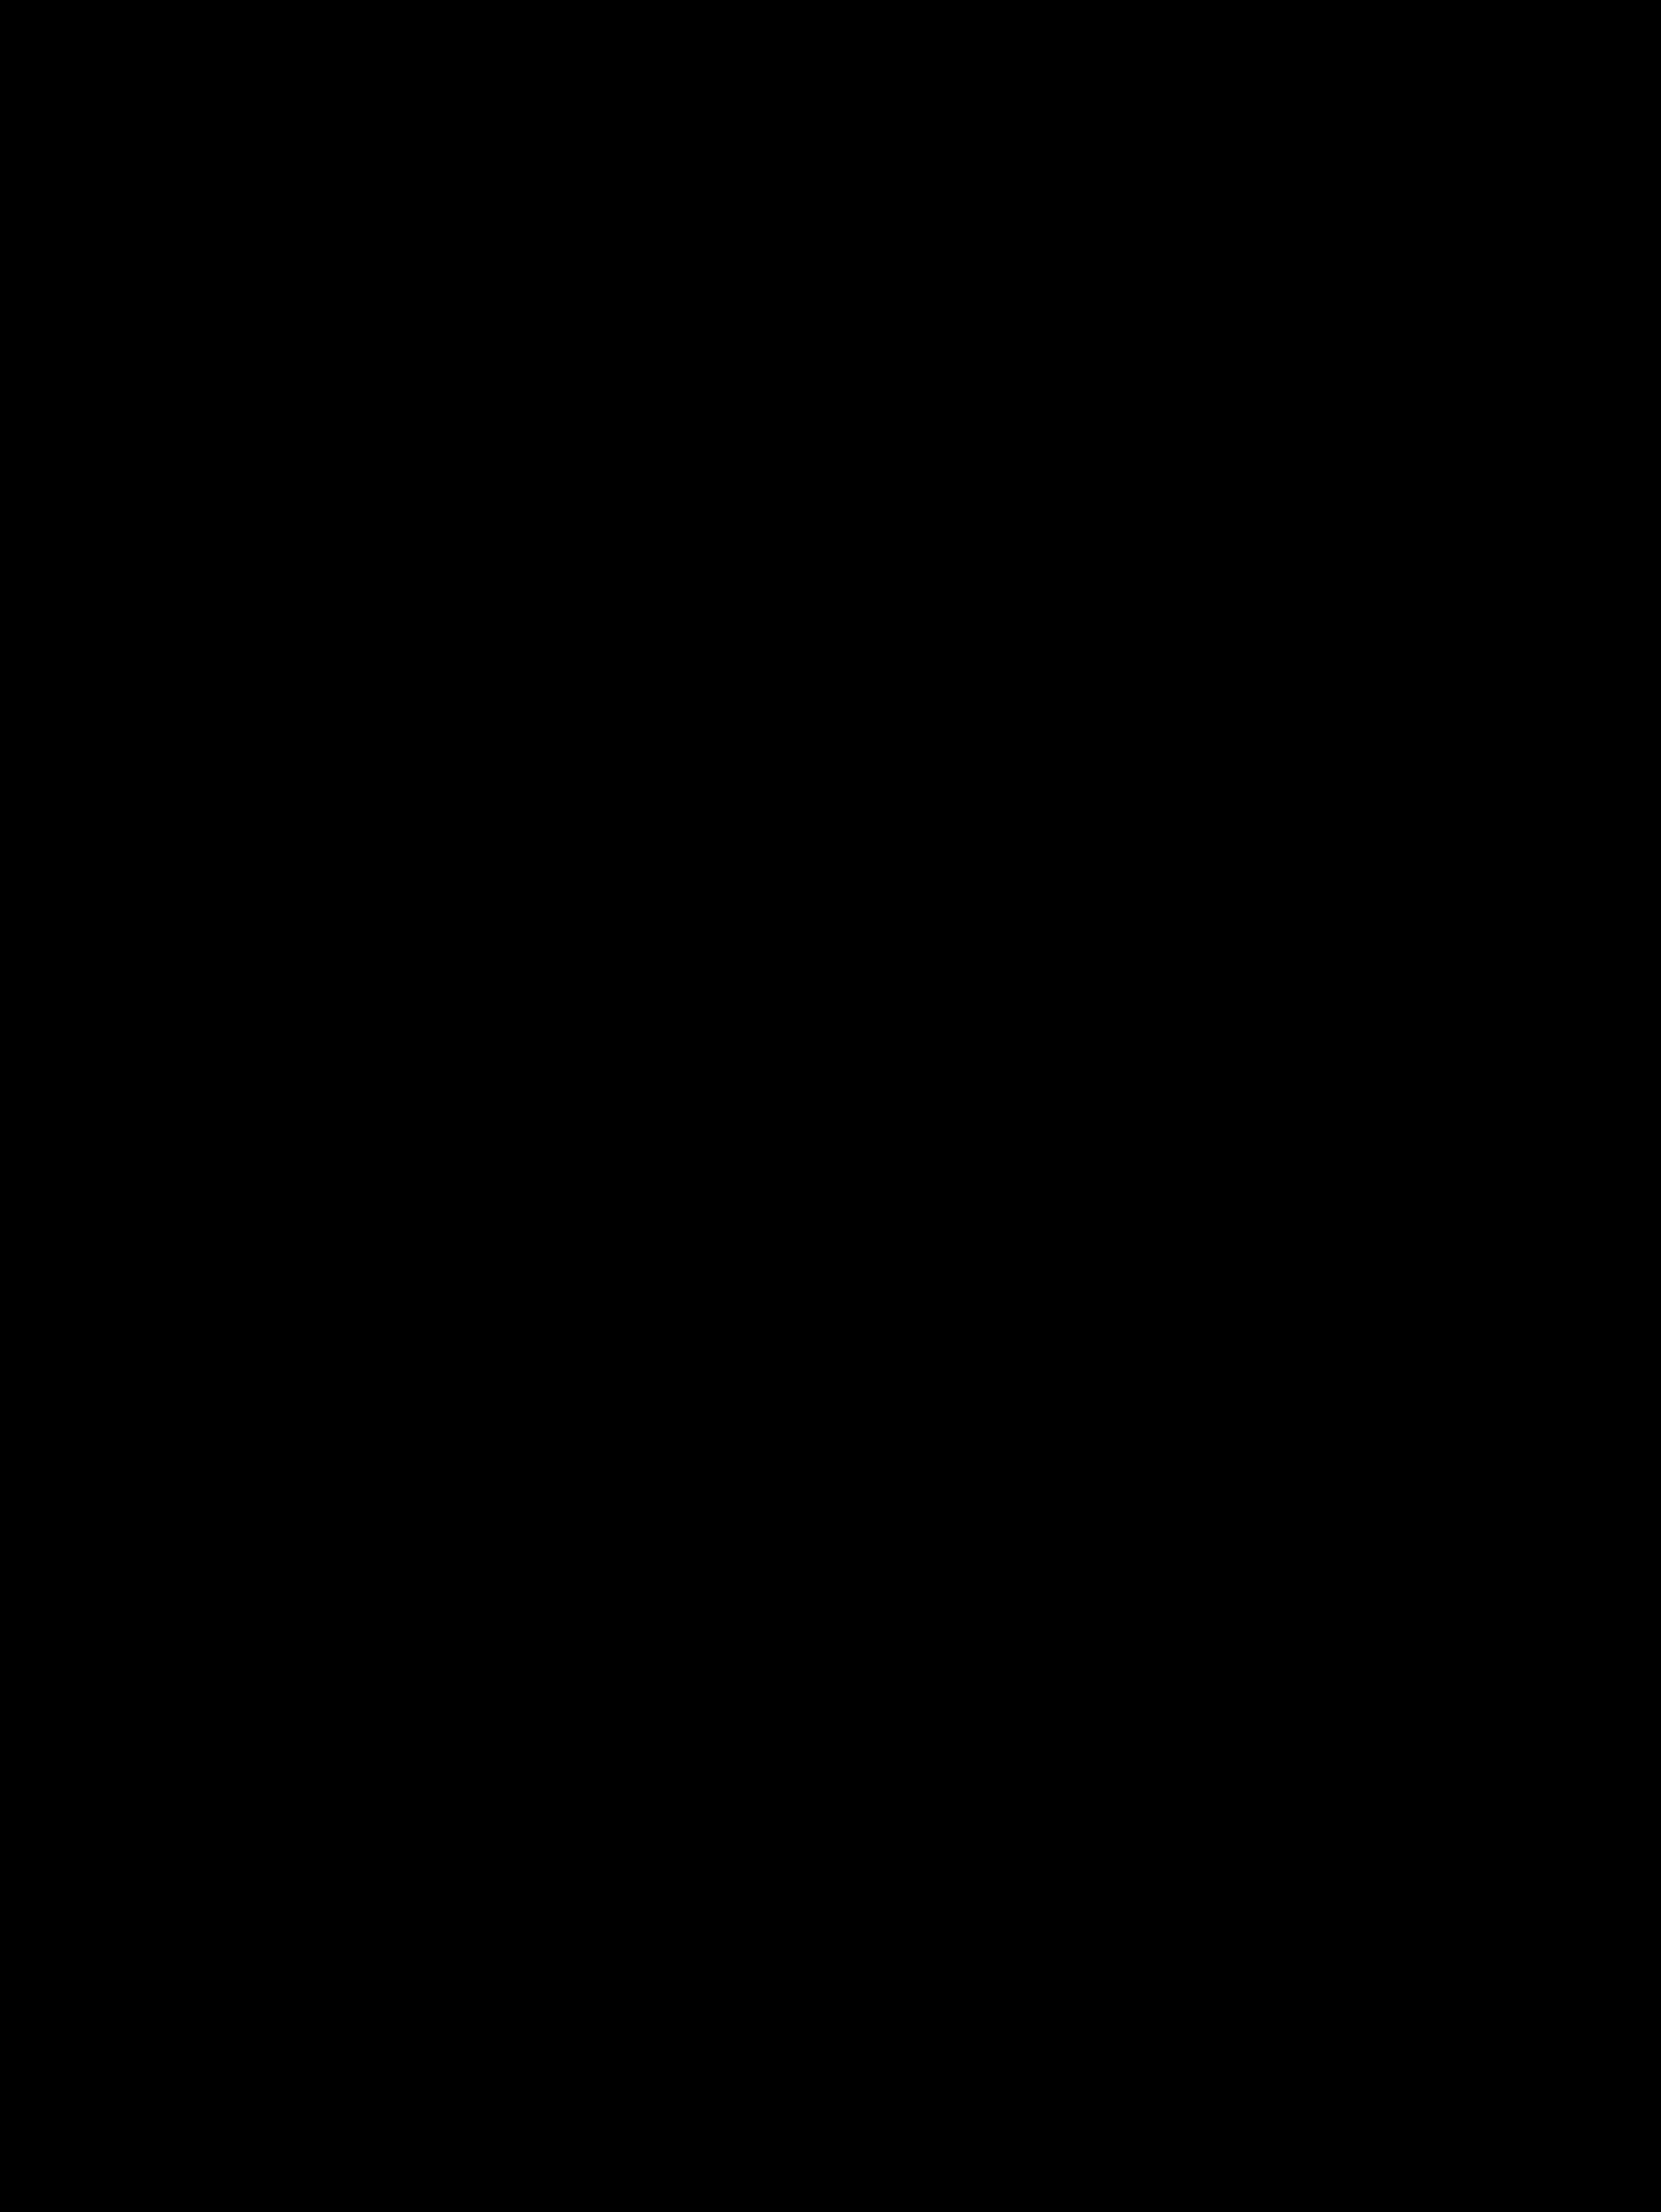 Updated Bel Schedule